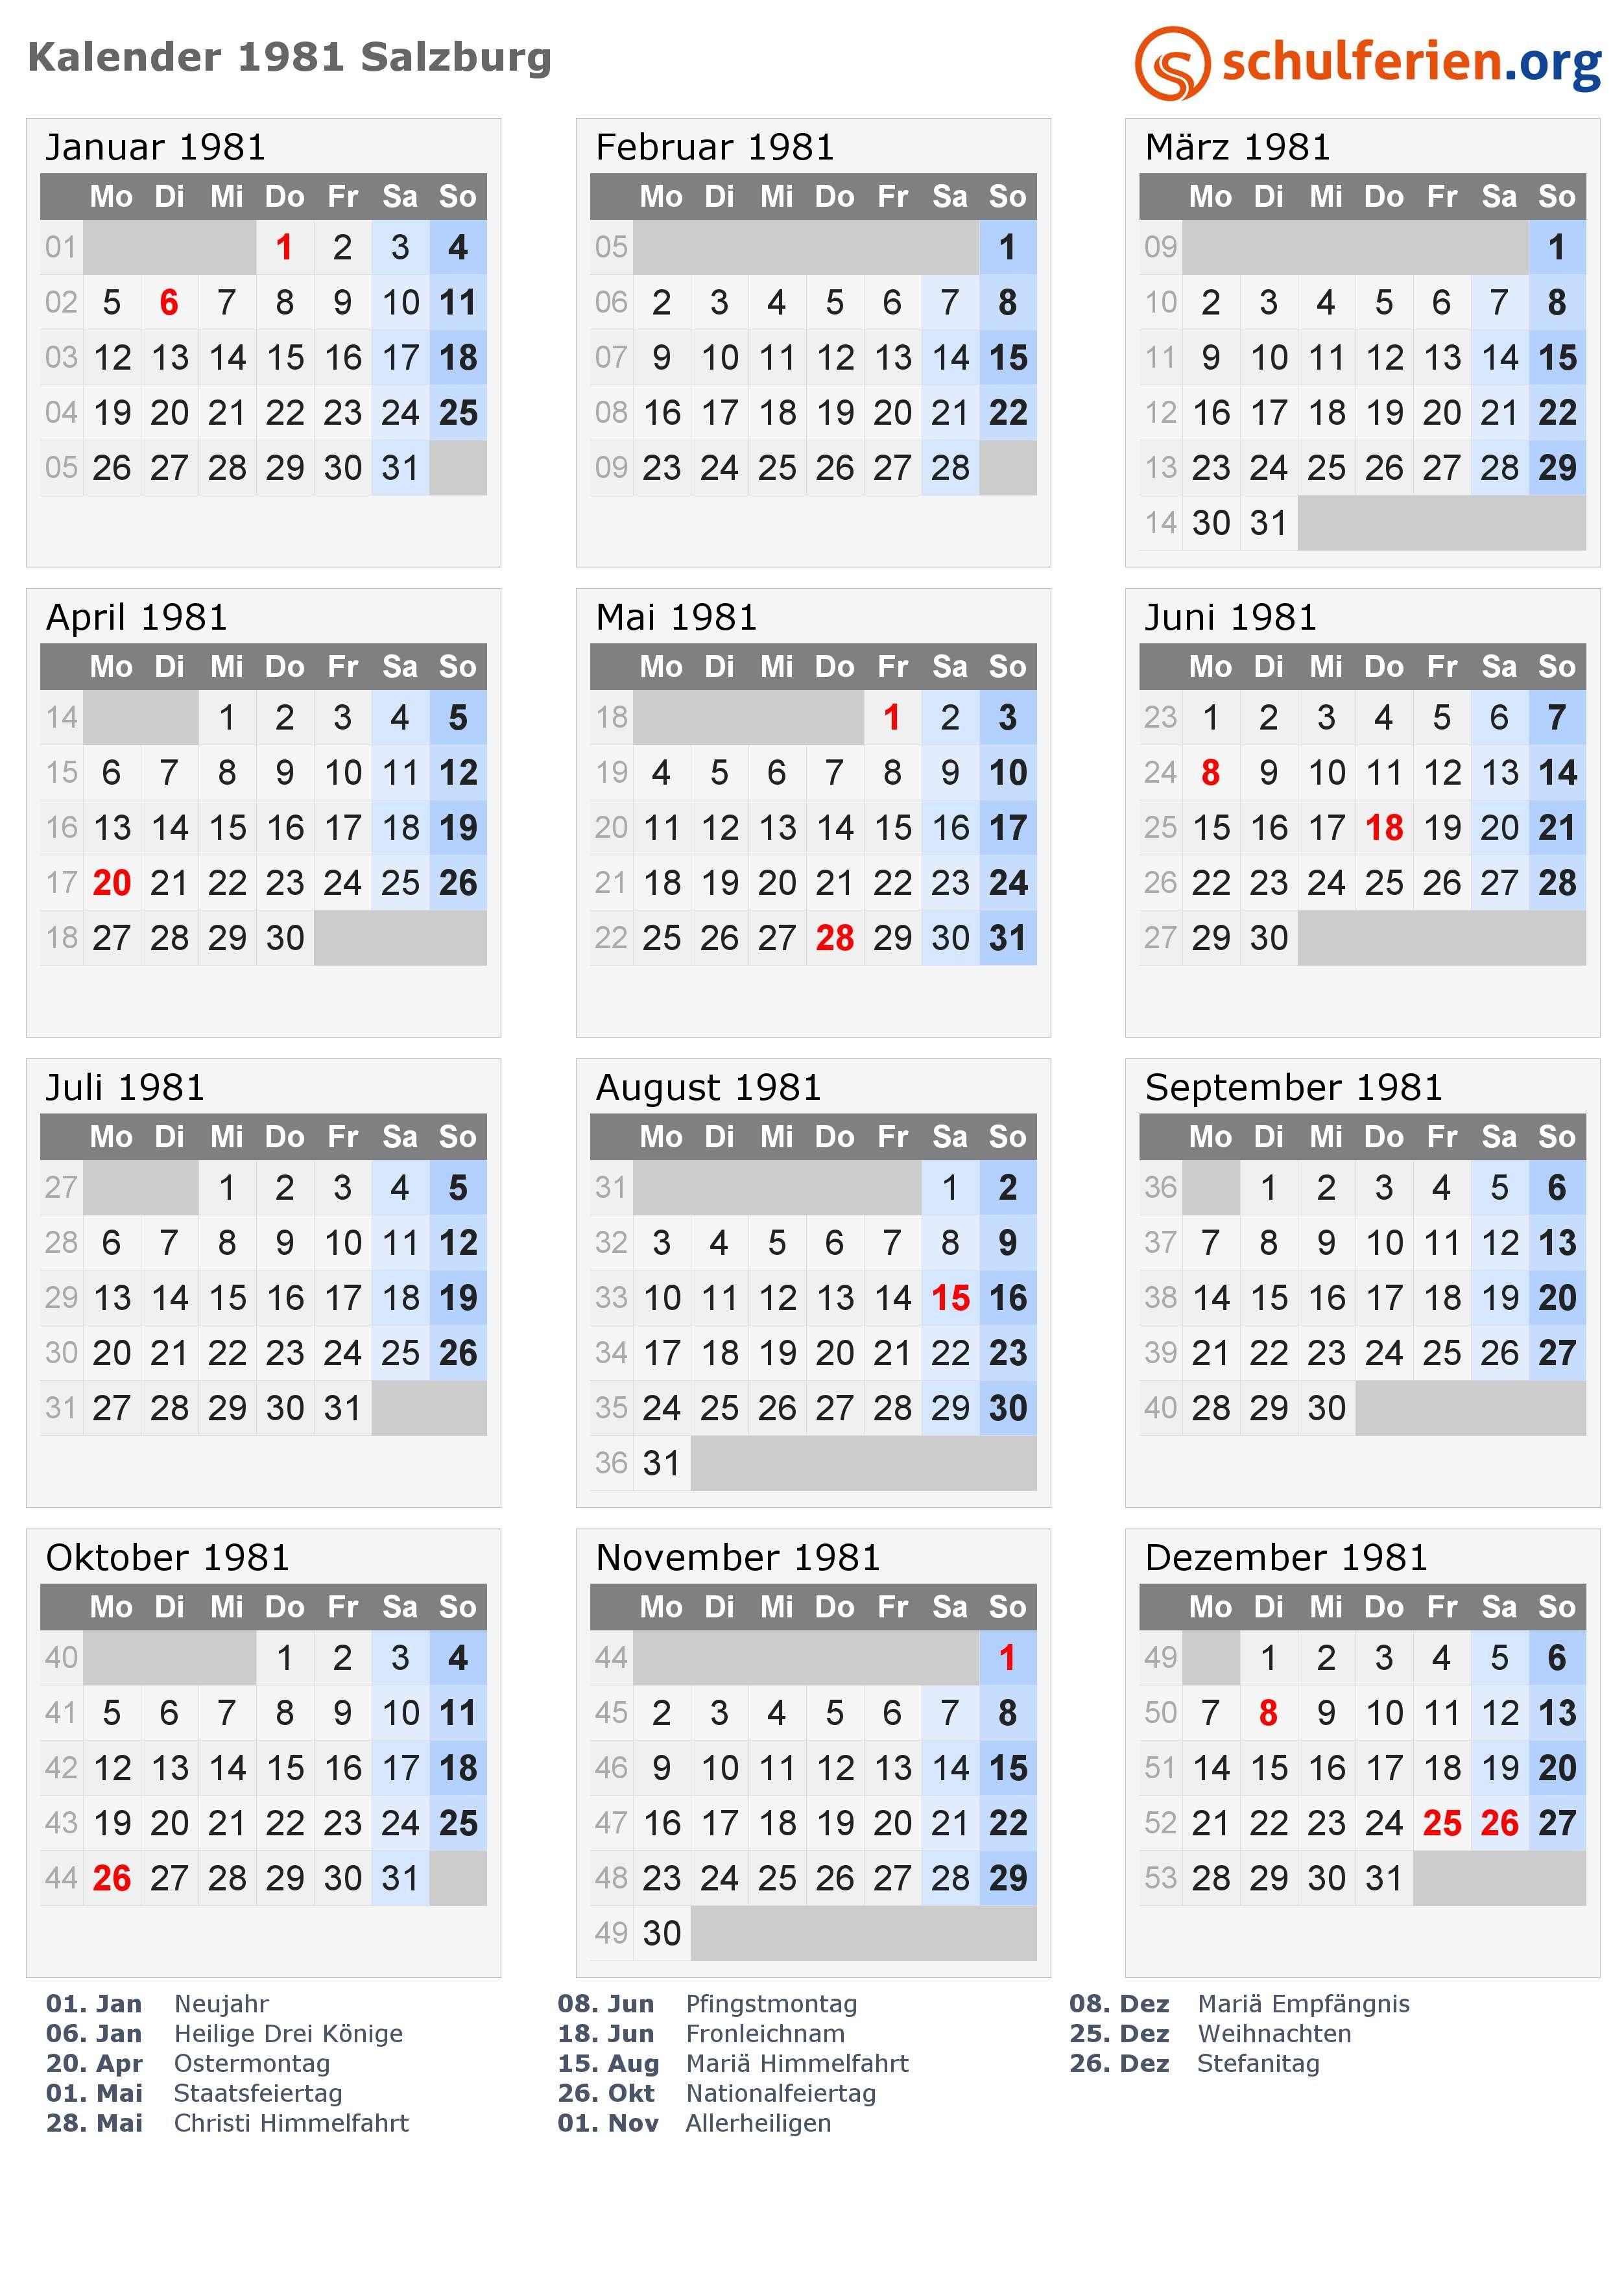 Kalender 2019 Pdf Hd Más Recientemente Liberado 25 Schön Weihnachten Feiertage Foto Of Kalender 2019 Pdf Hd Recientes 25 Schön Weihnachten Feiertage Foto